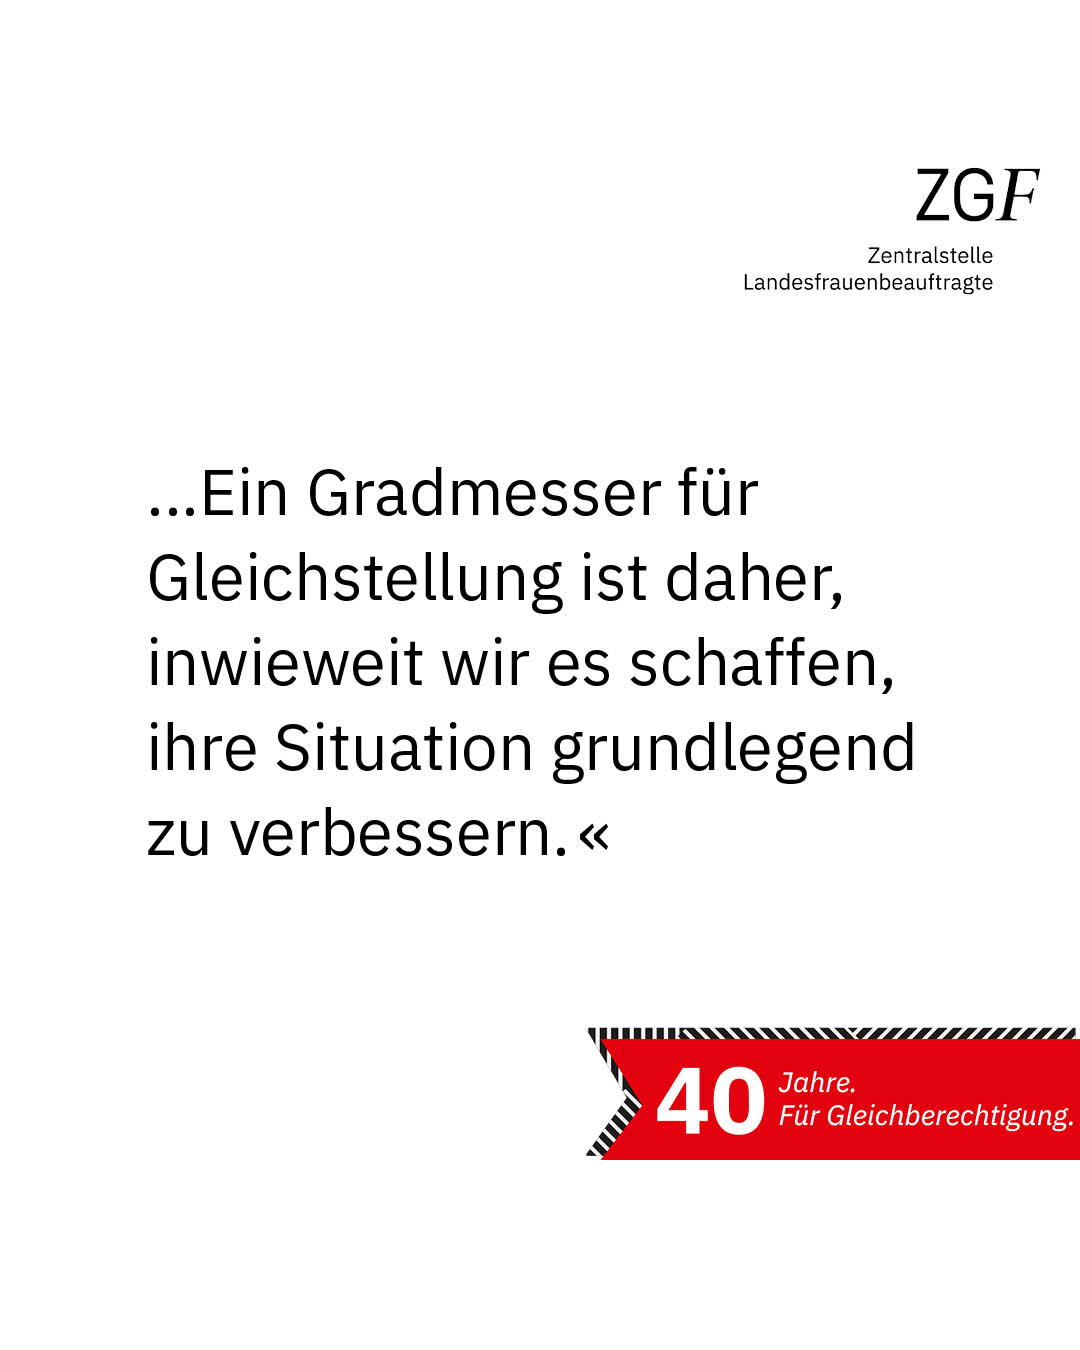 Statement 40 Jahre Gleichberechtigung, Henrike Müller, stellvertretende Vorsitzende der Fraktion Bündnis 90/Die Grünen, Bremische Bürgerschaft